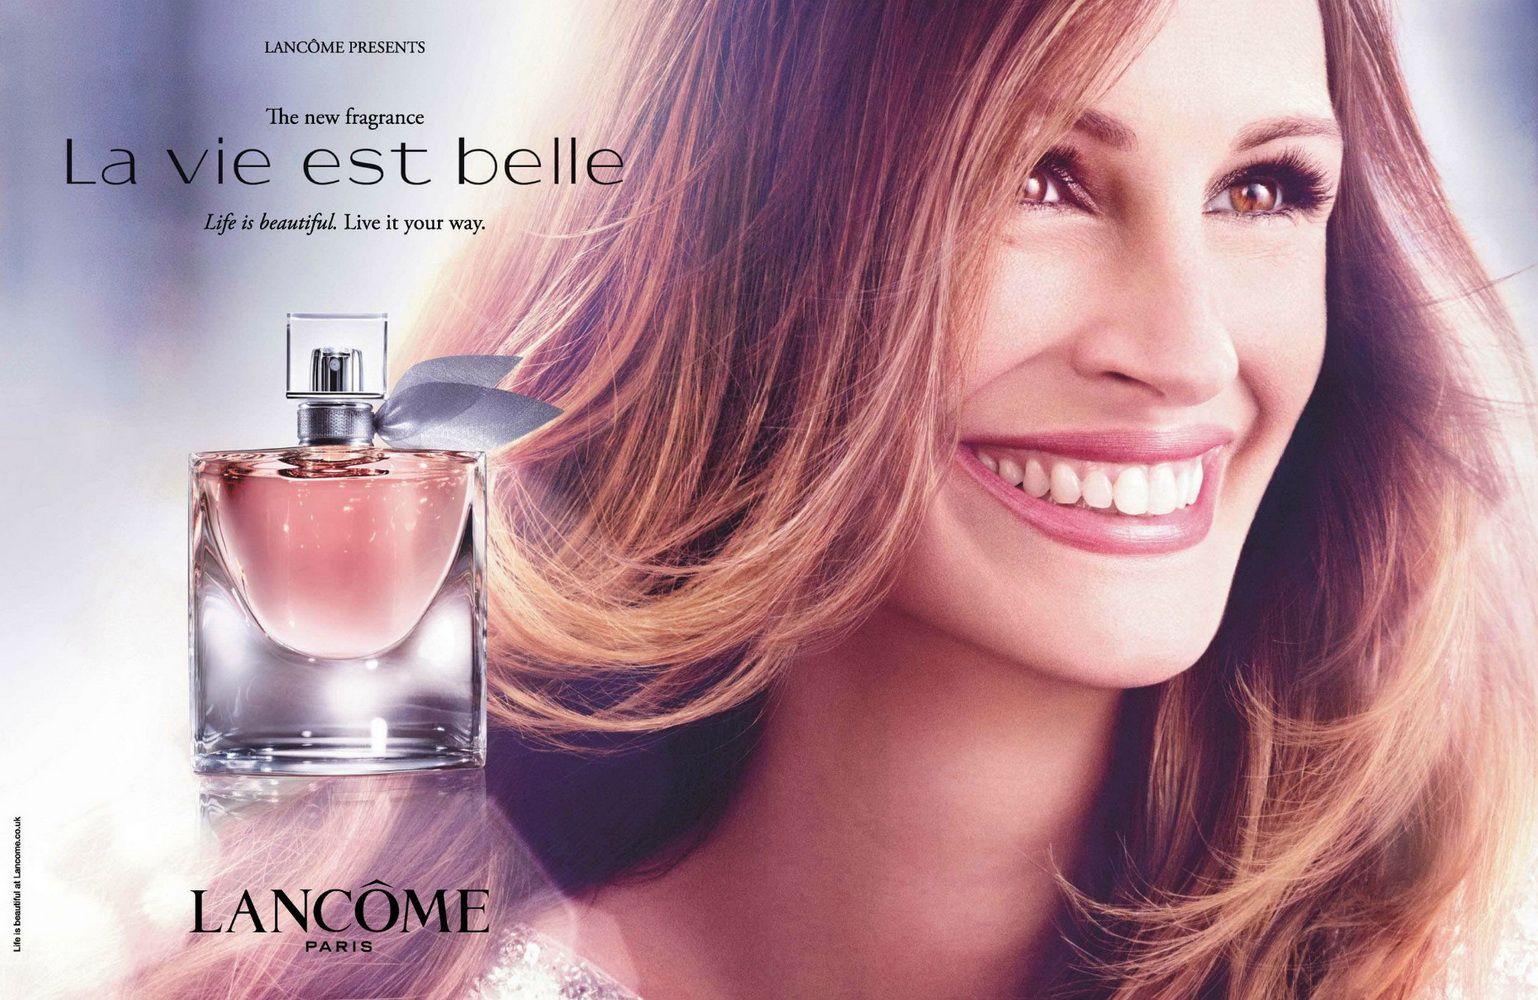 d58b7cb5a62e5 Luxetips Beauty! My New Love  LANCÔME s La Vie Est Belle Fragrance ...